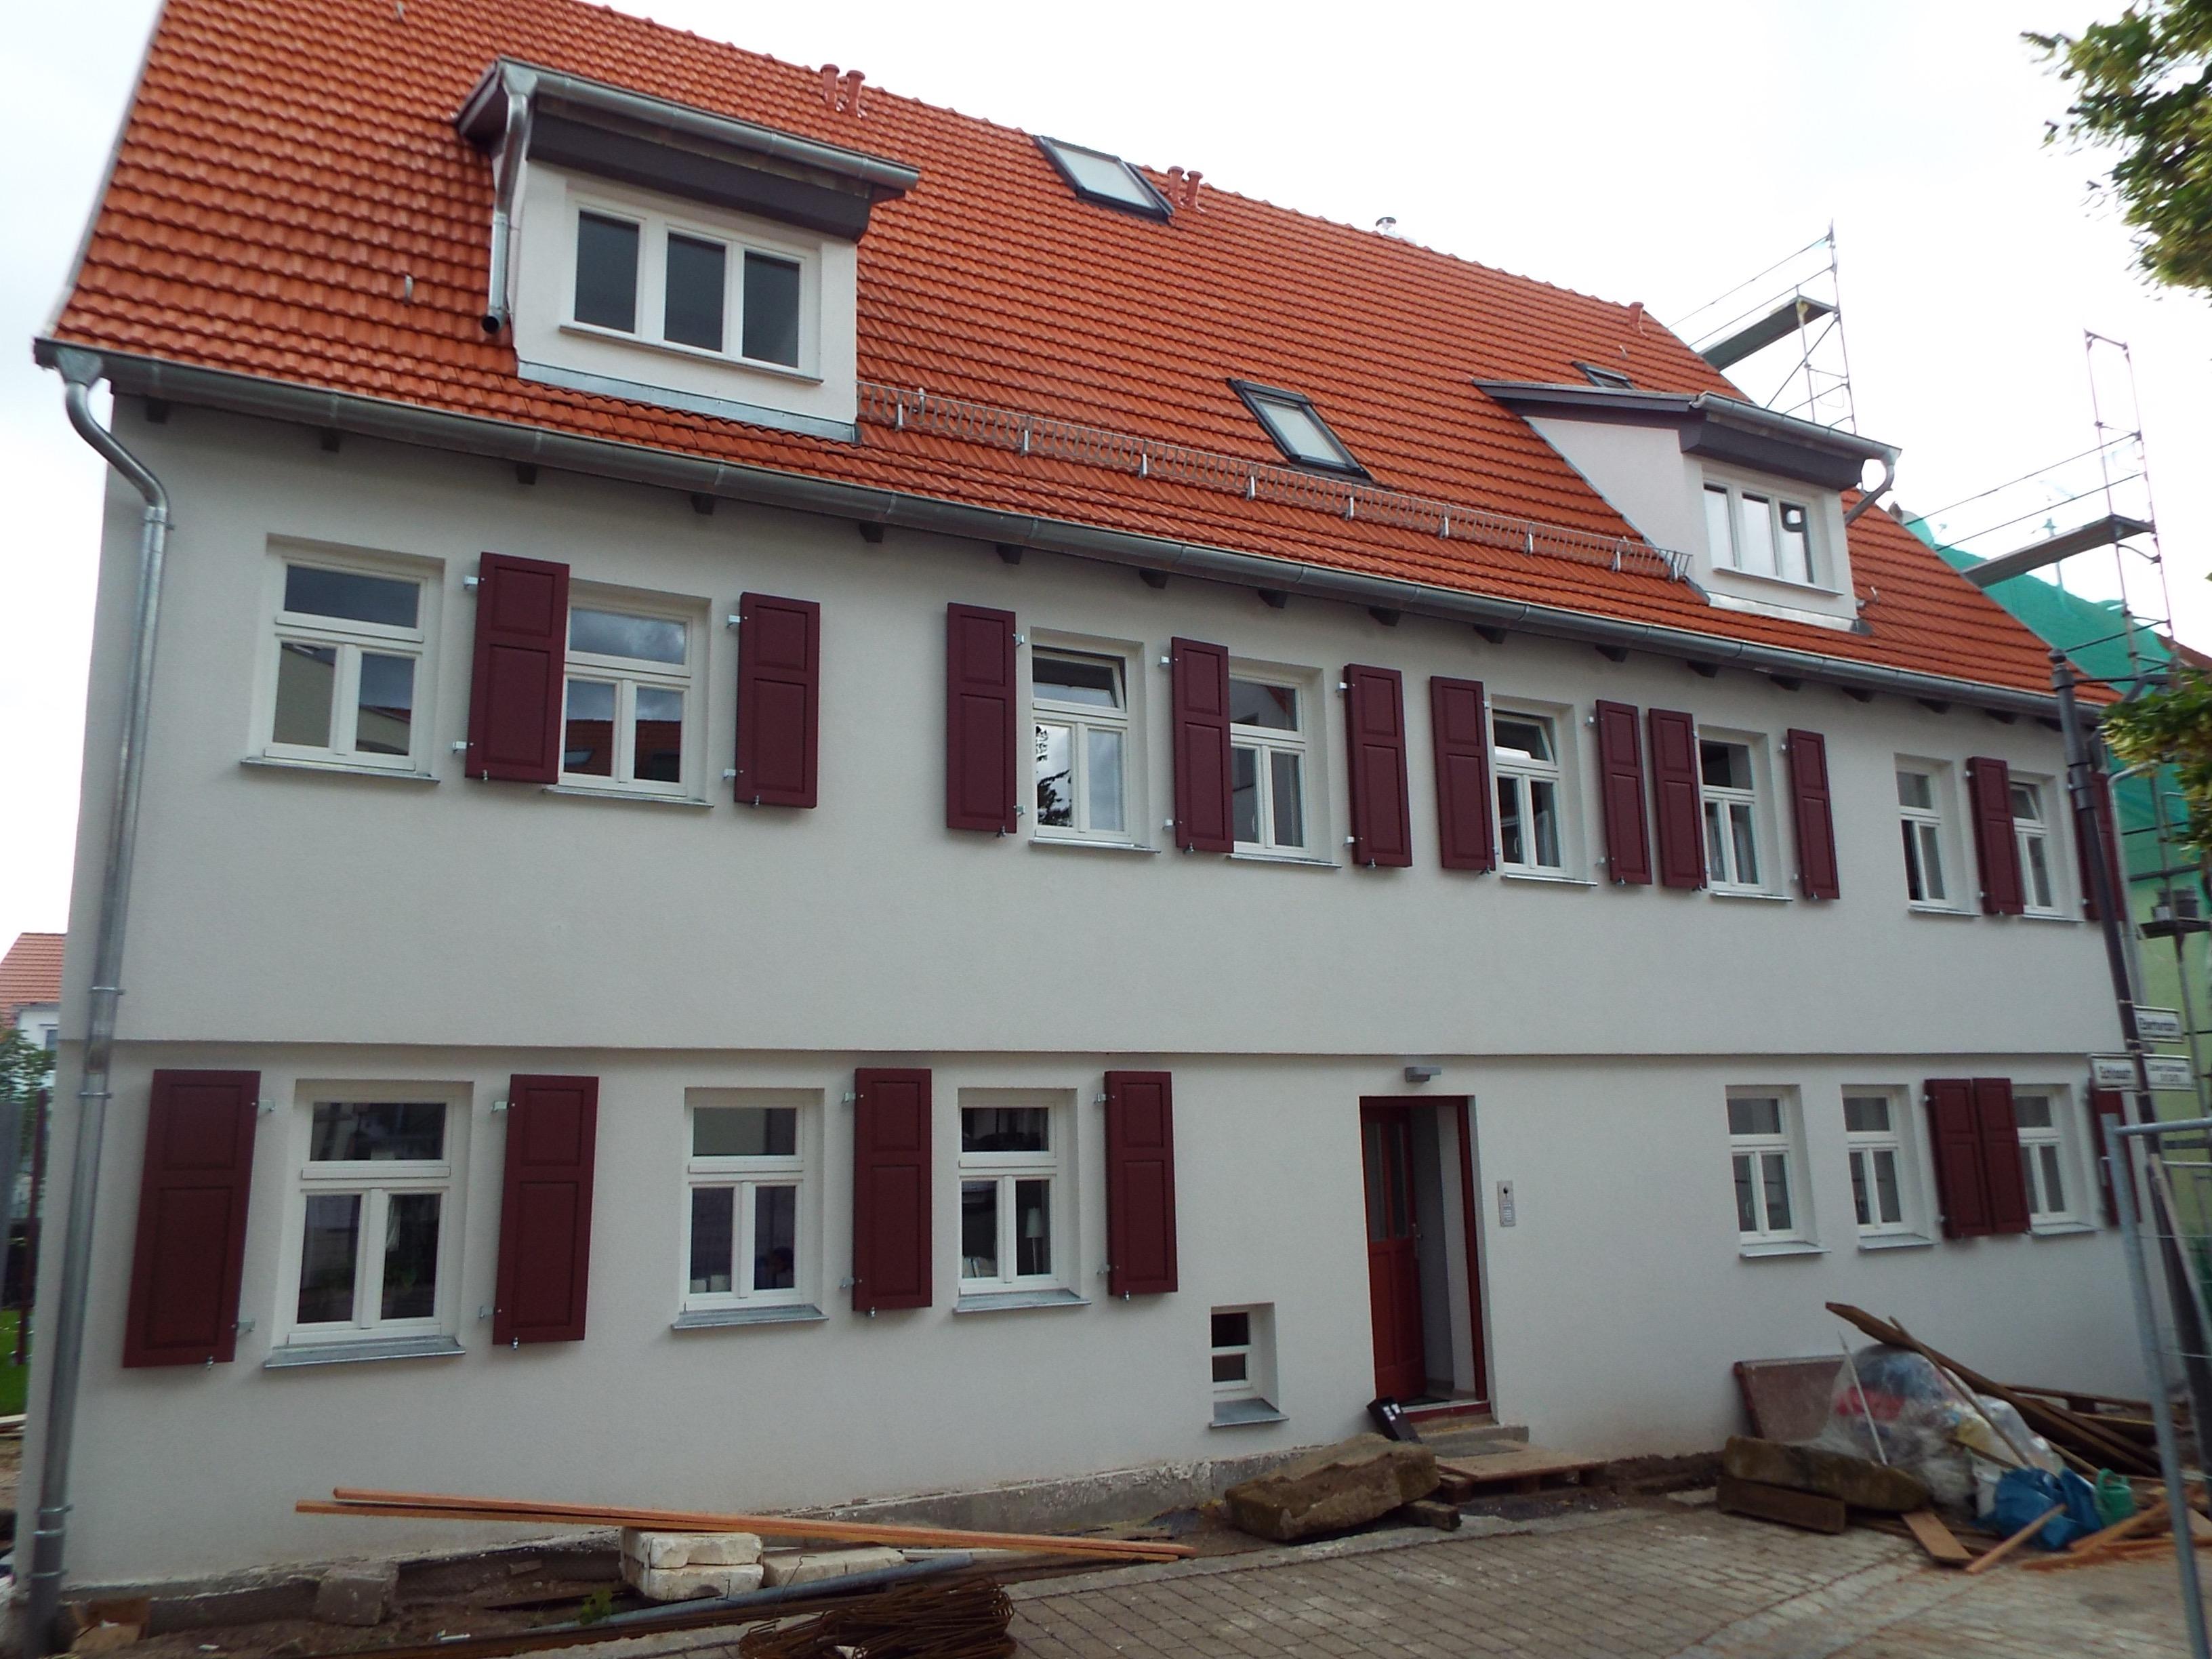 CASA VIVA Das lebendige Denkmal Wohnbau GmbH